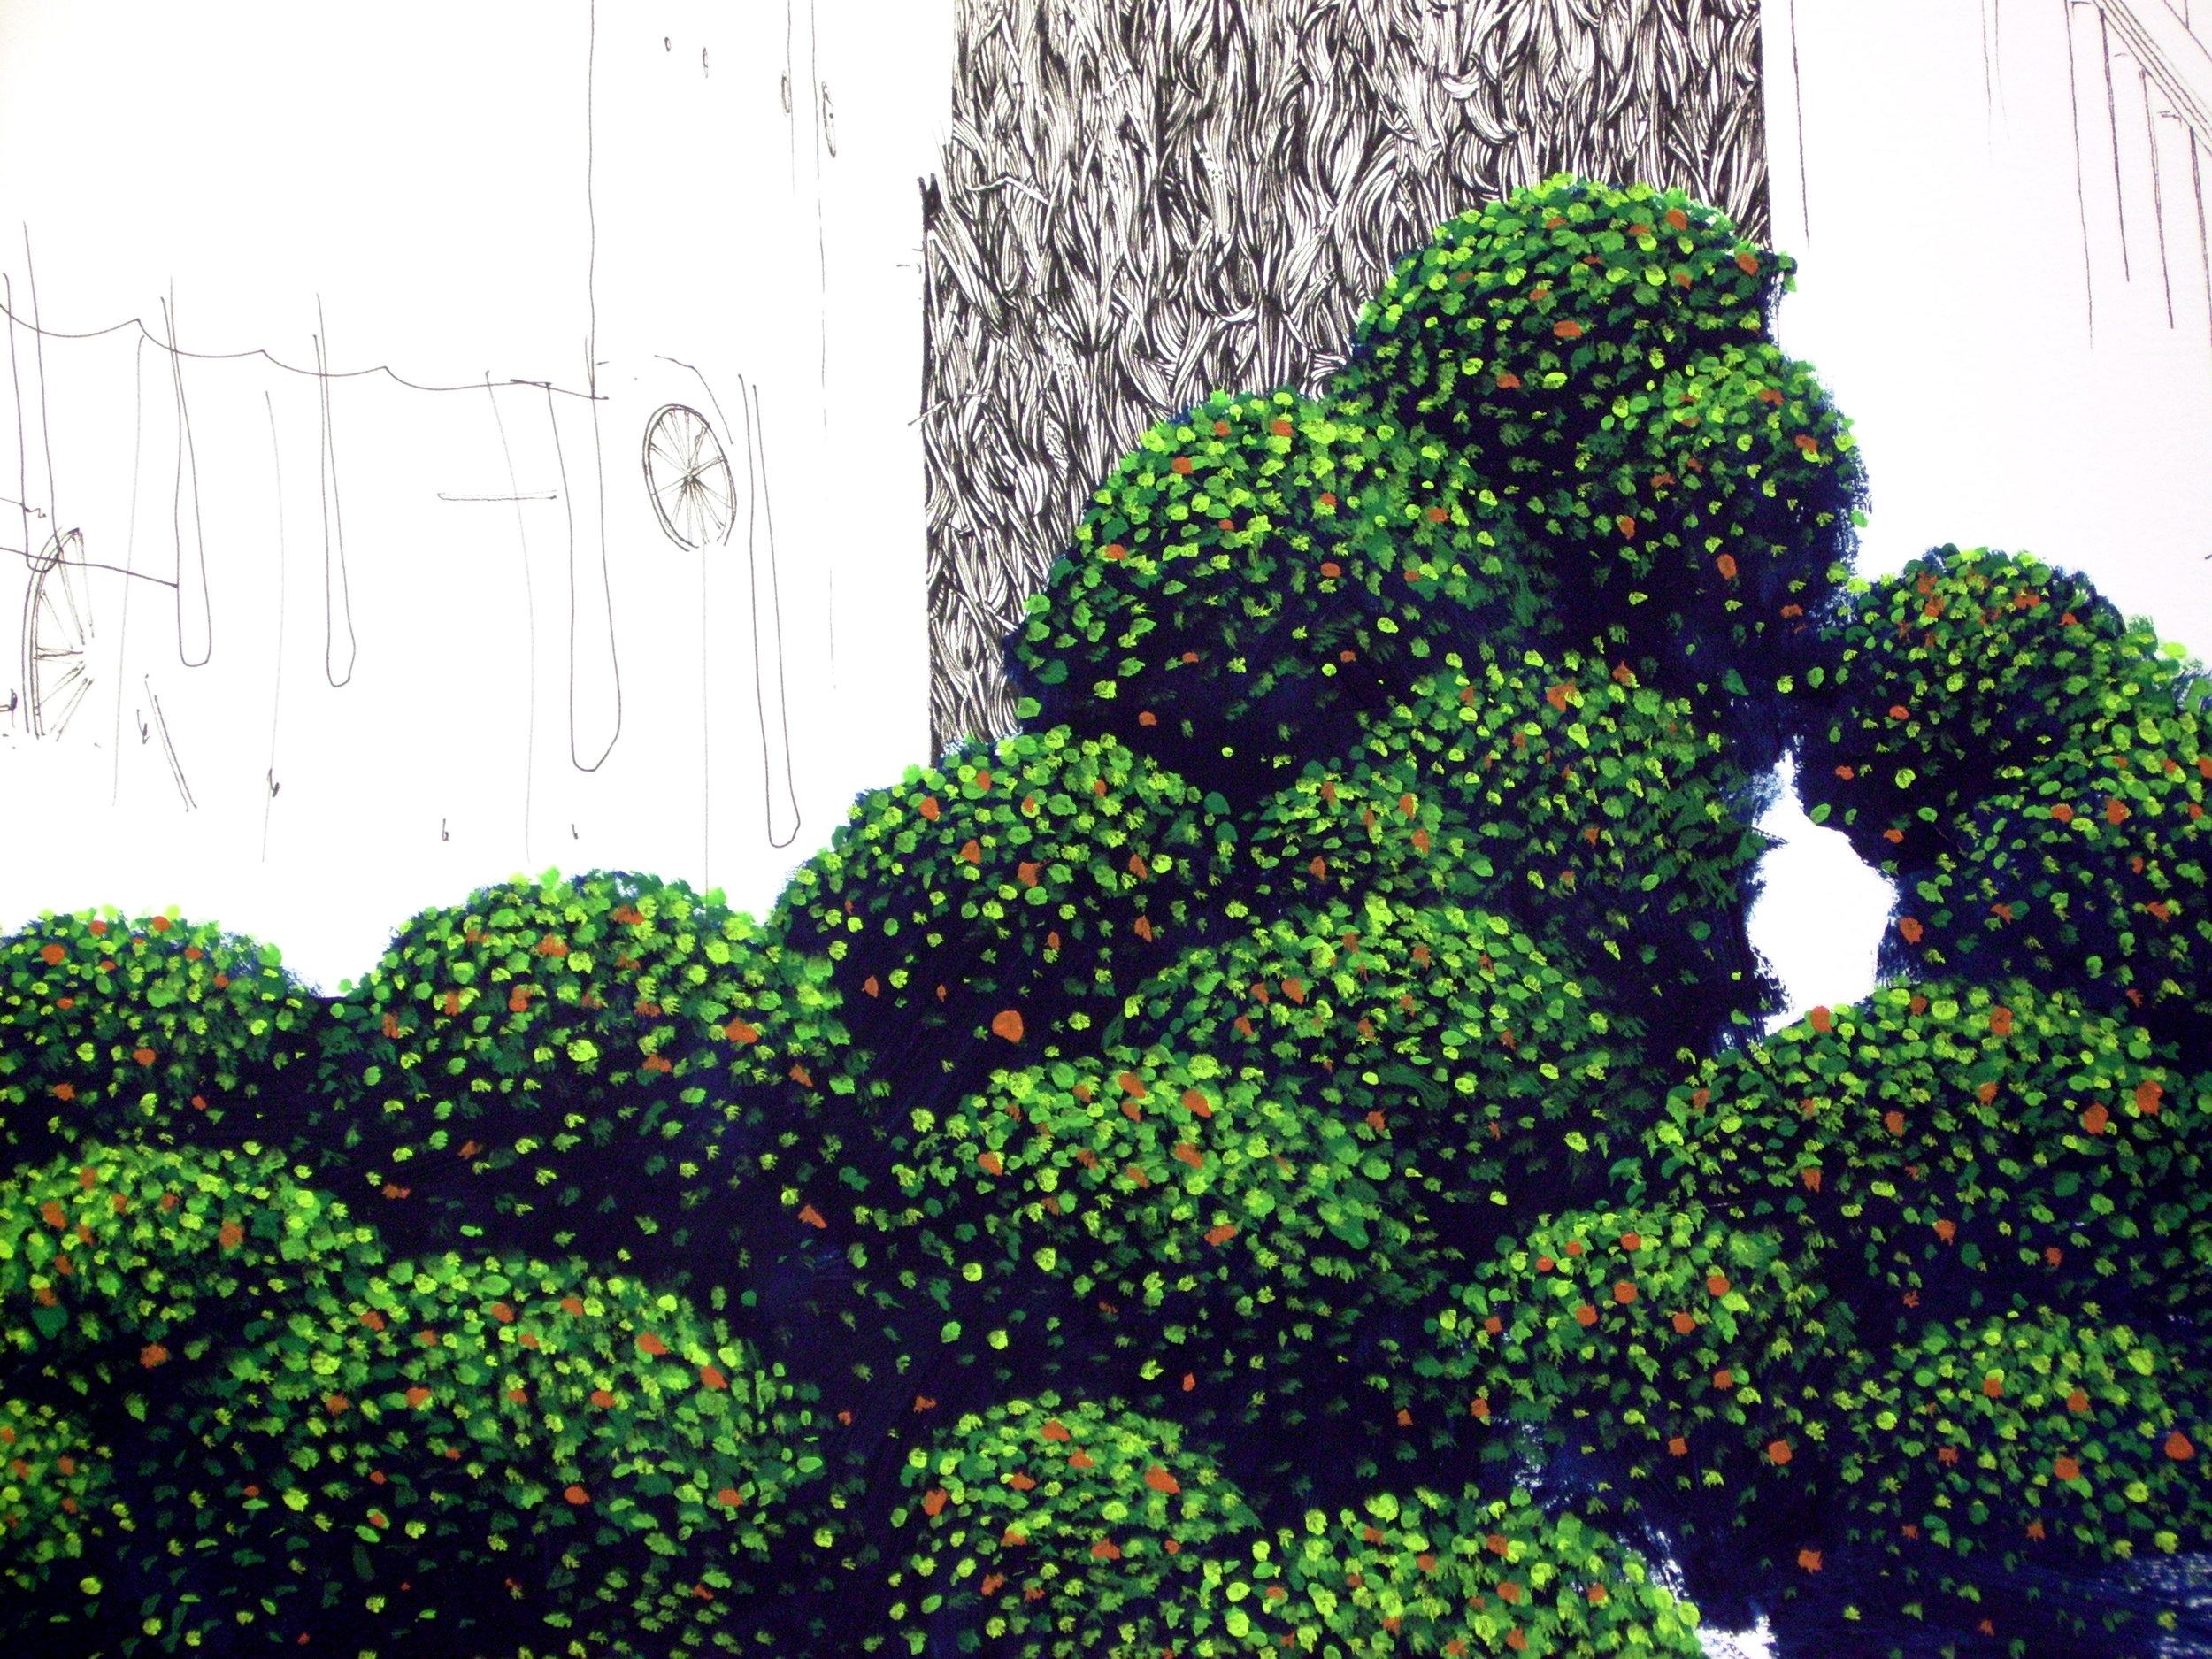 gathering_detail2.jpg